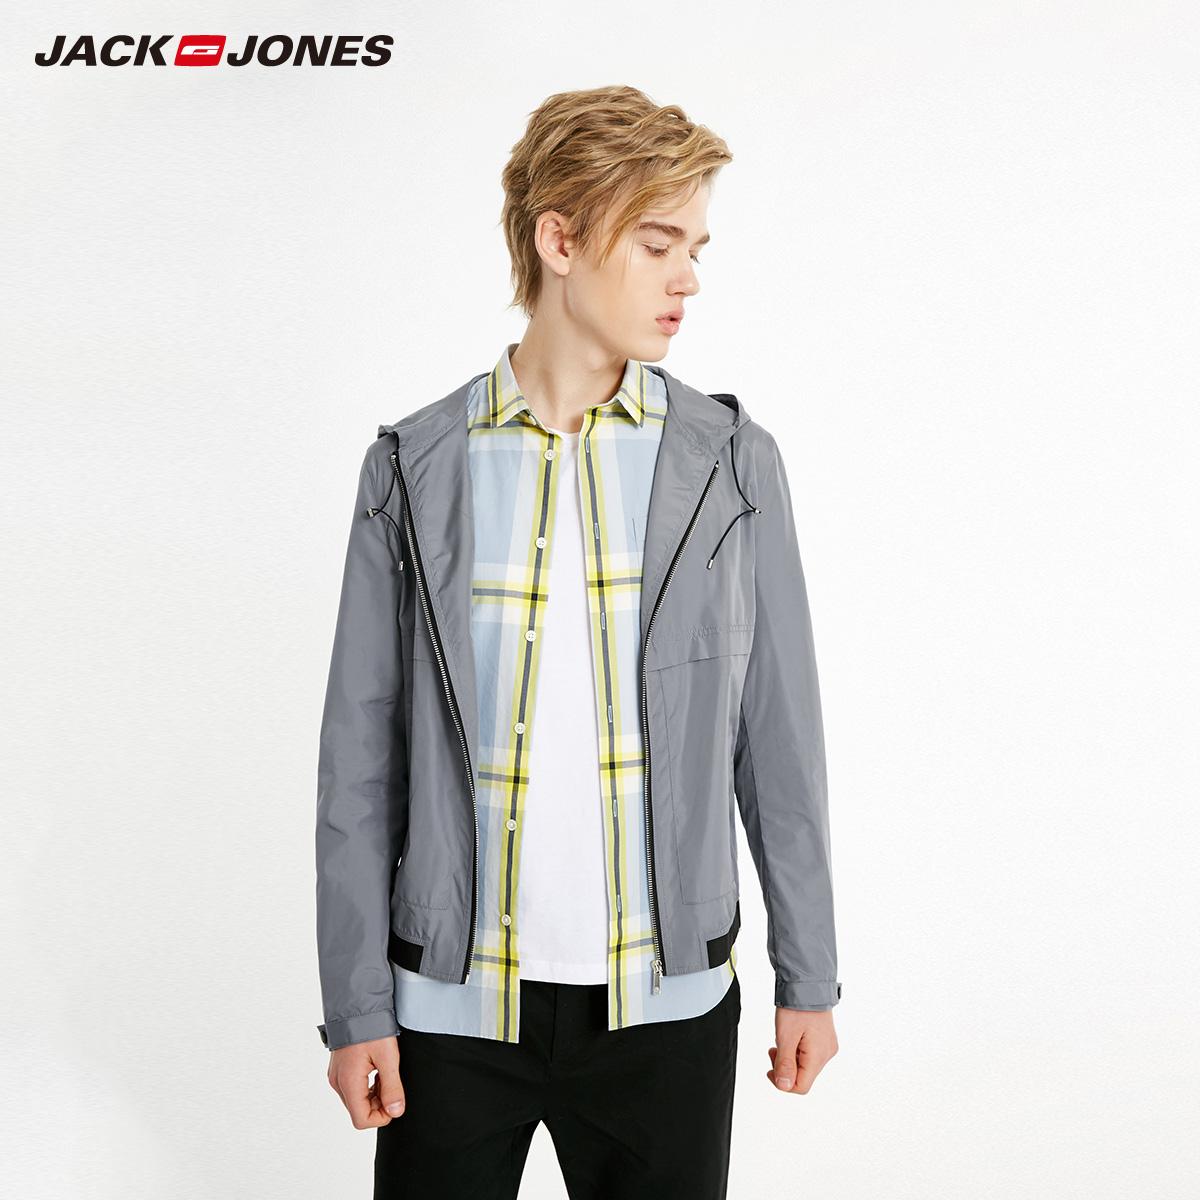 8色!杰克琼斯帽轻薄夹克外套